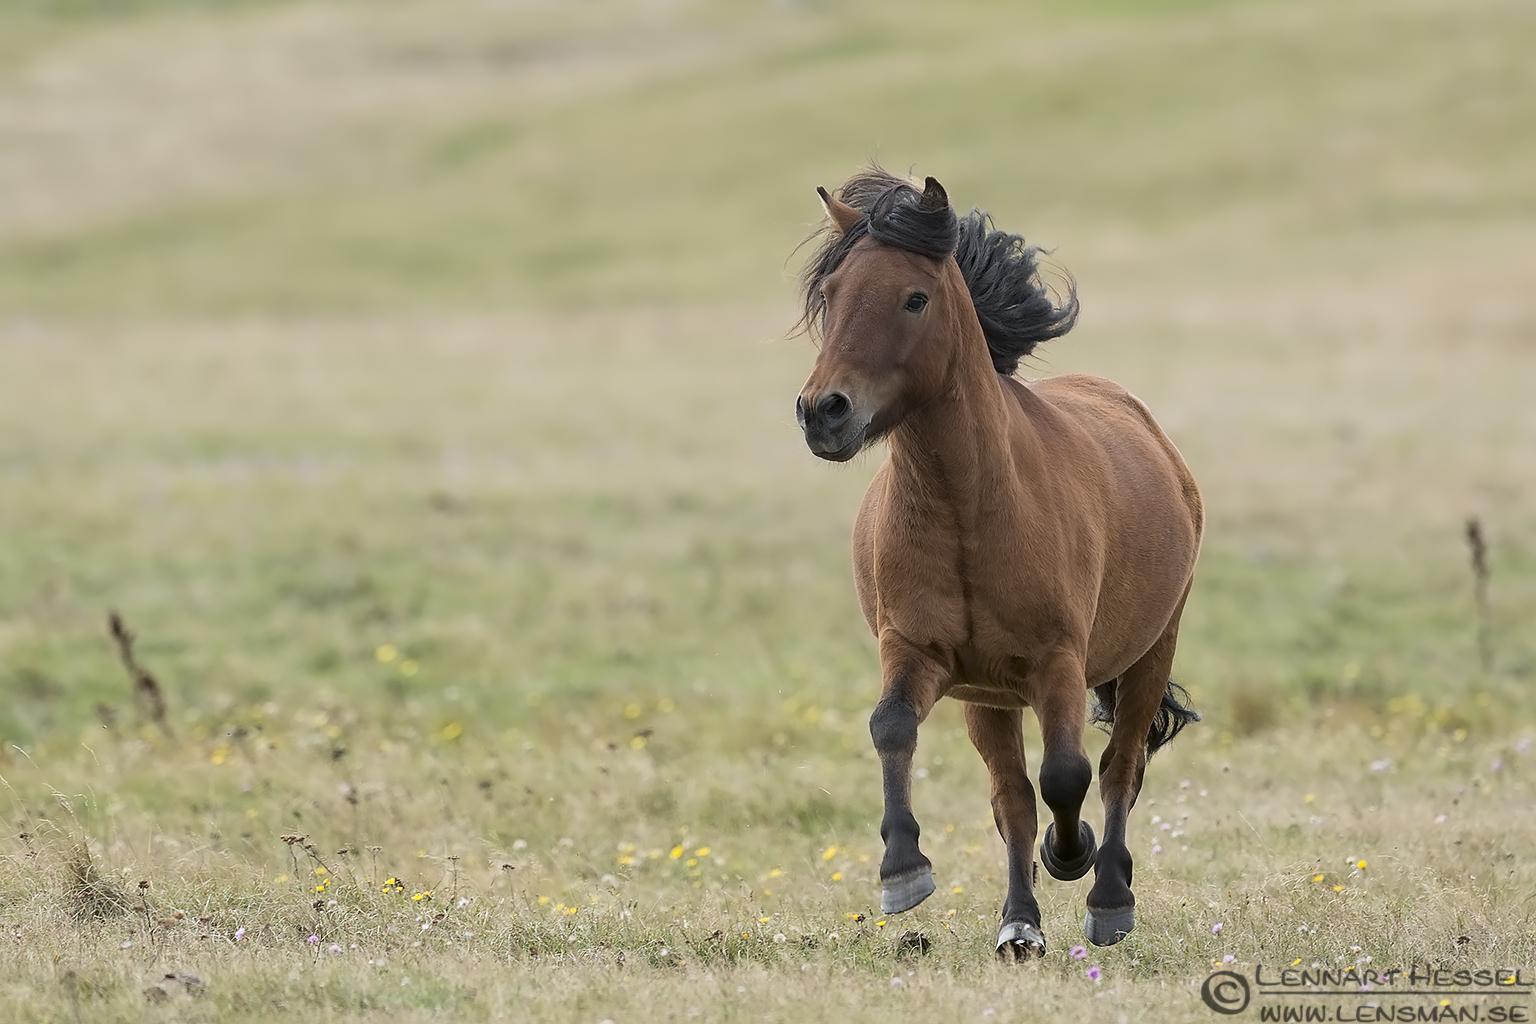 Running Horse Kingfisher